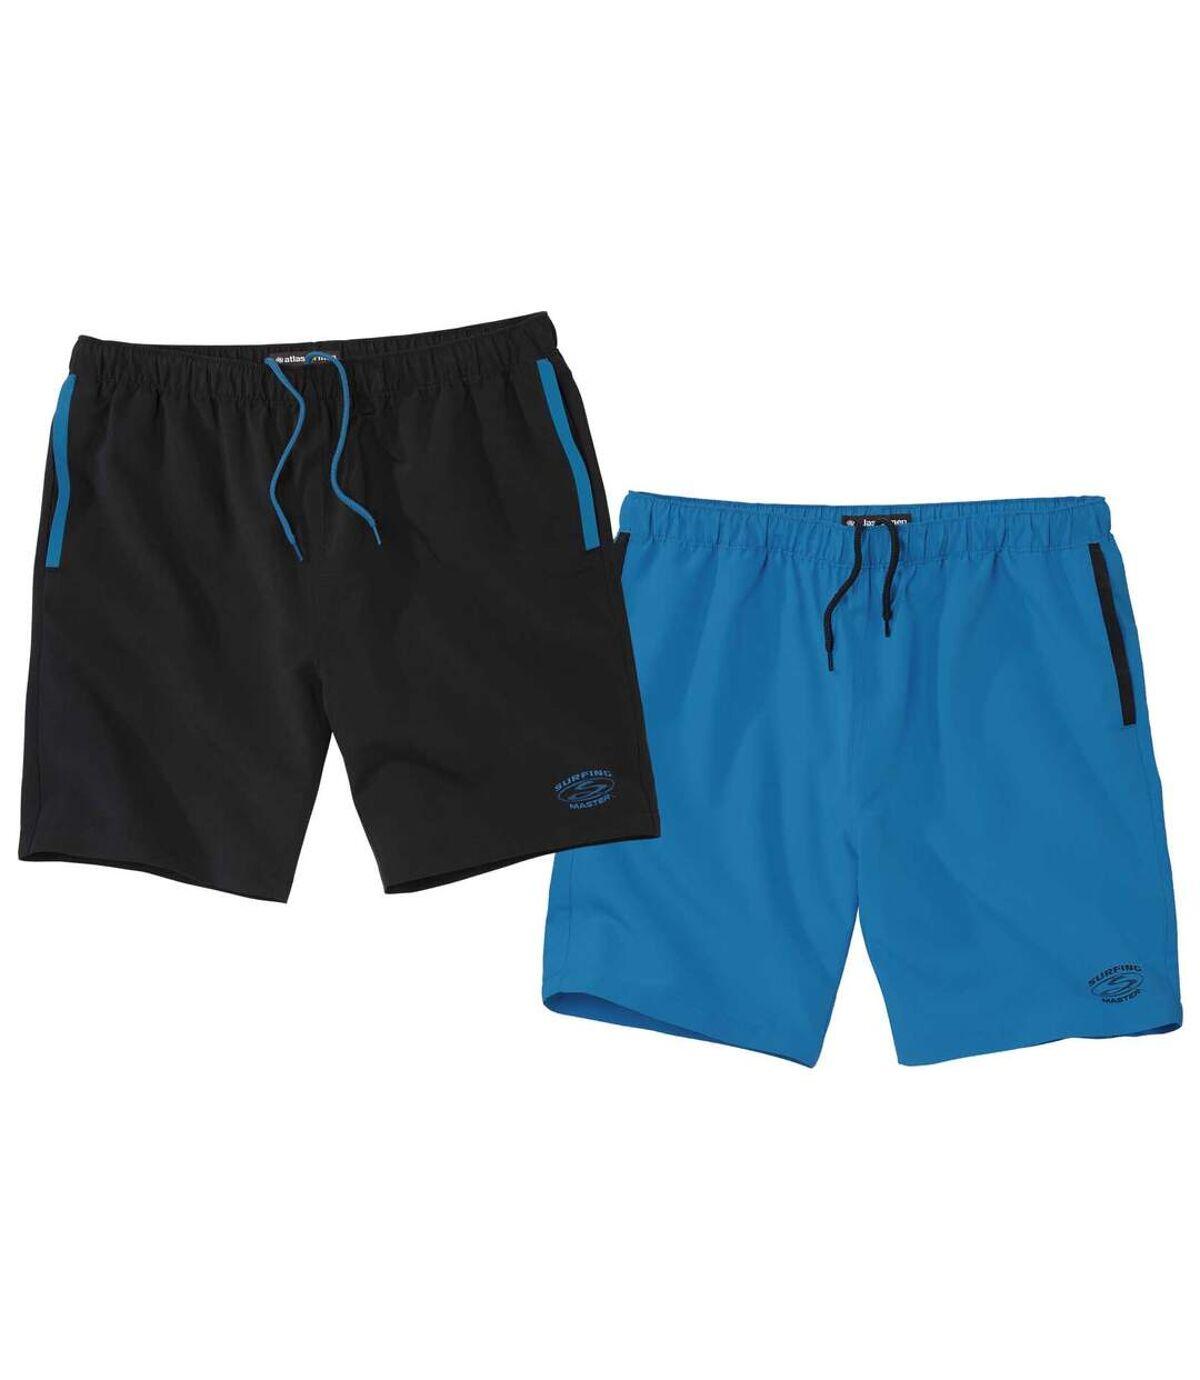 Pack of 2 Men's Sports Shorts - Blue Black Atlas For Men